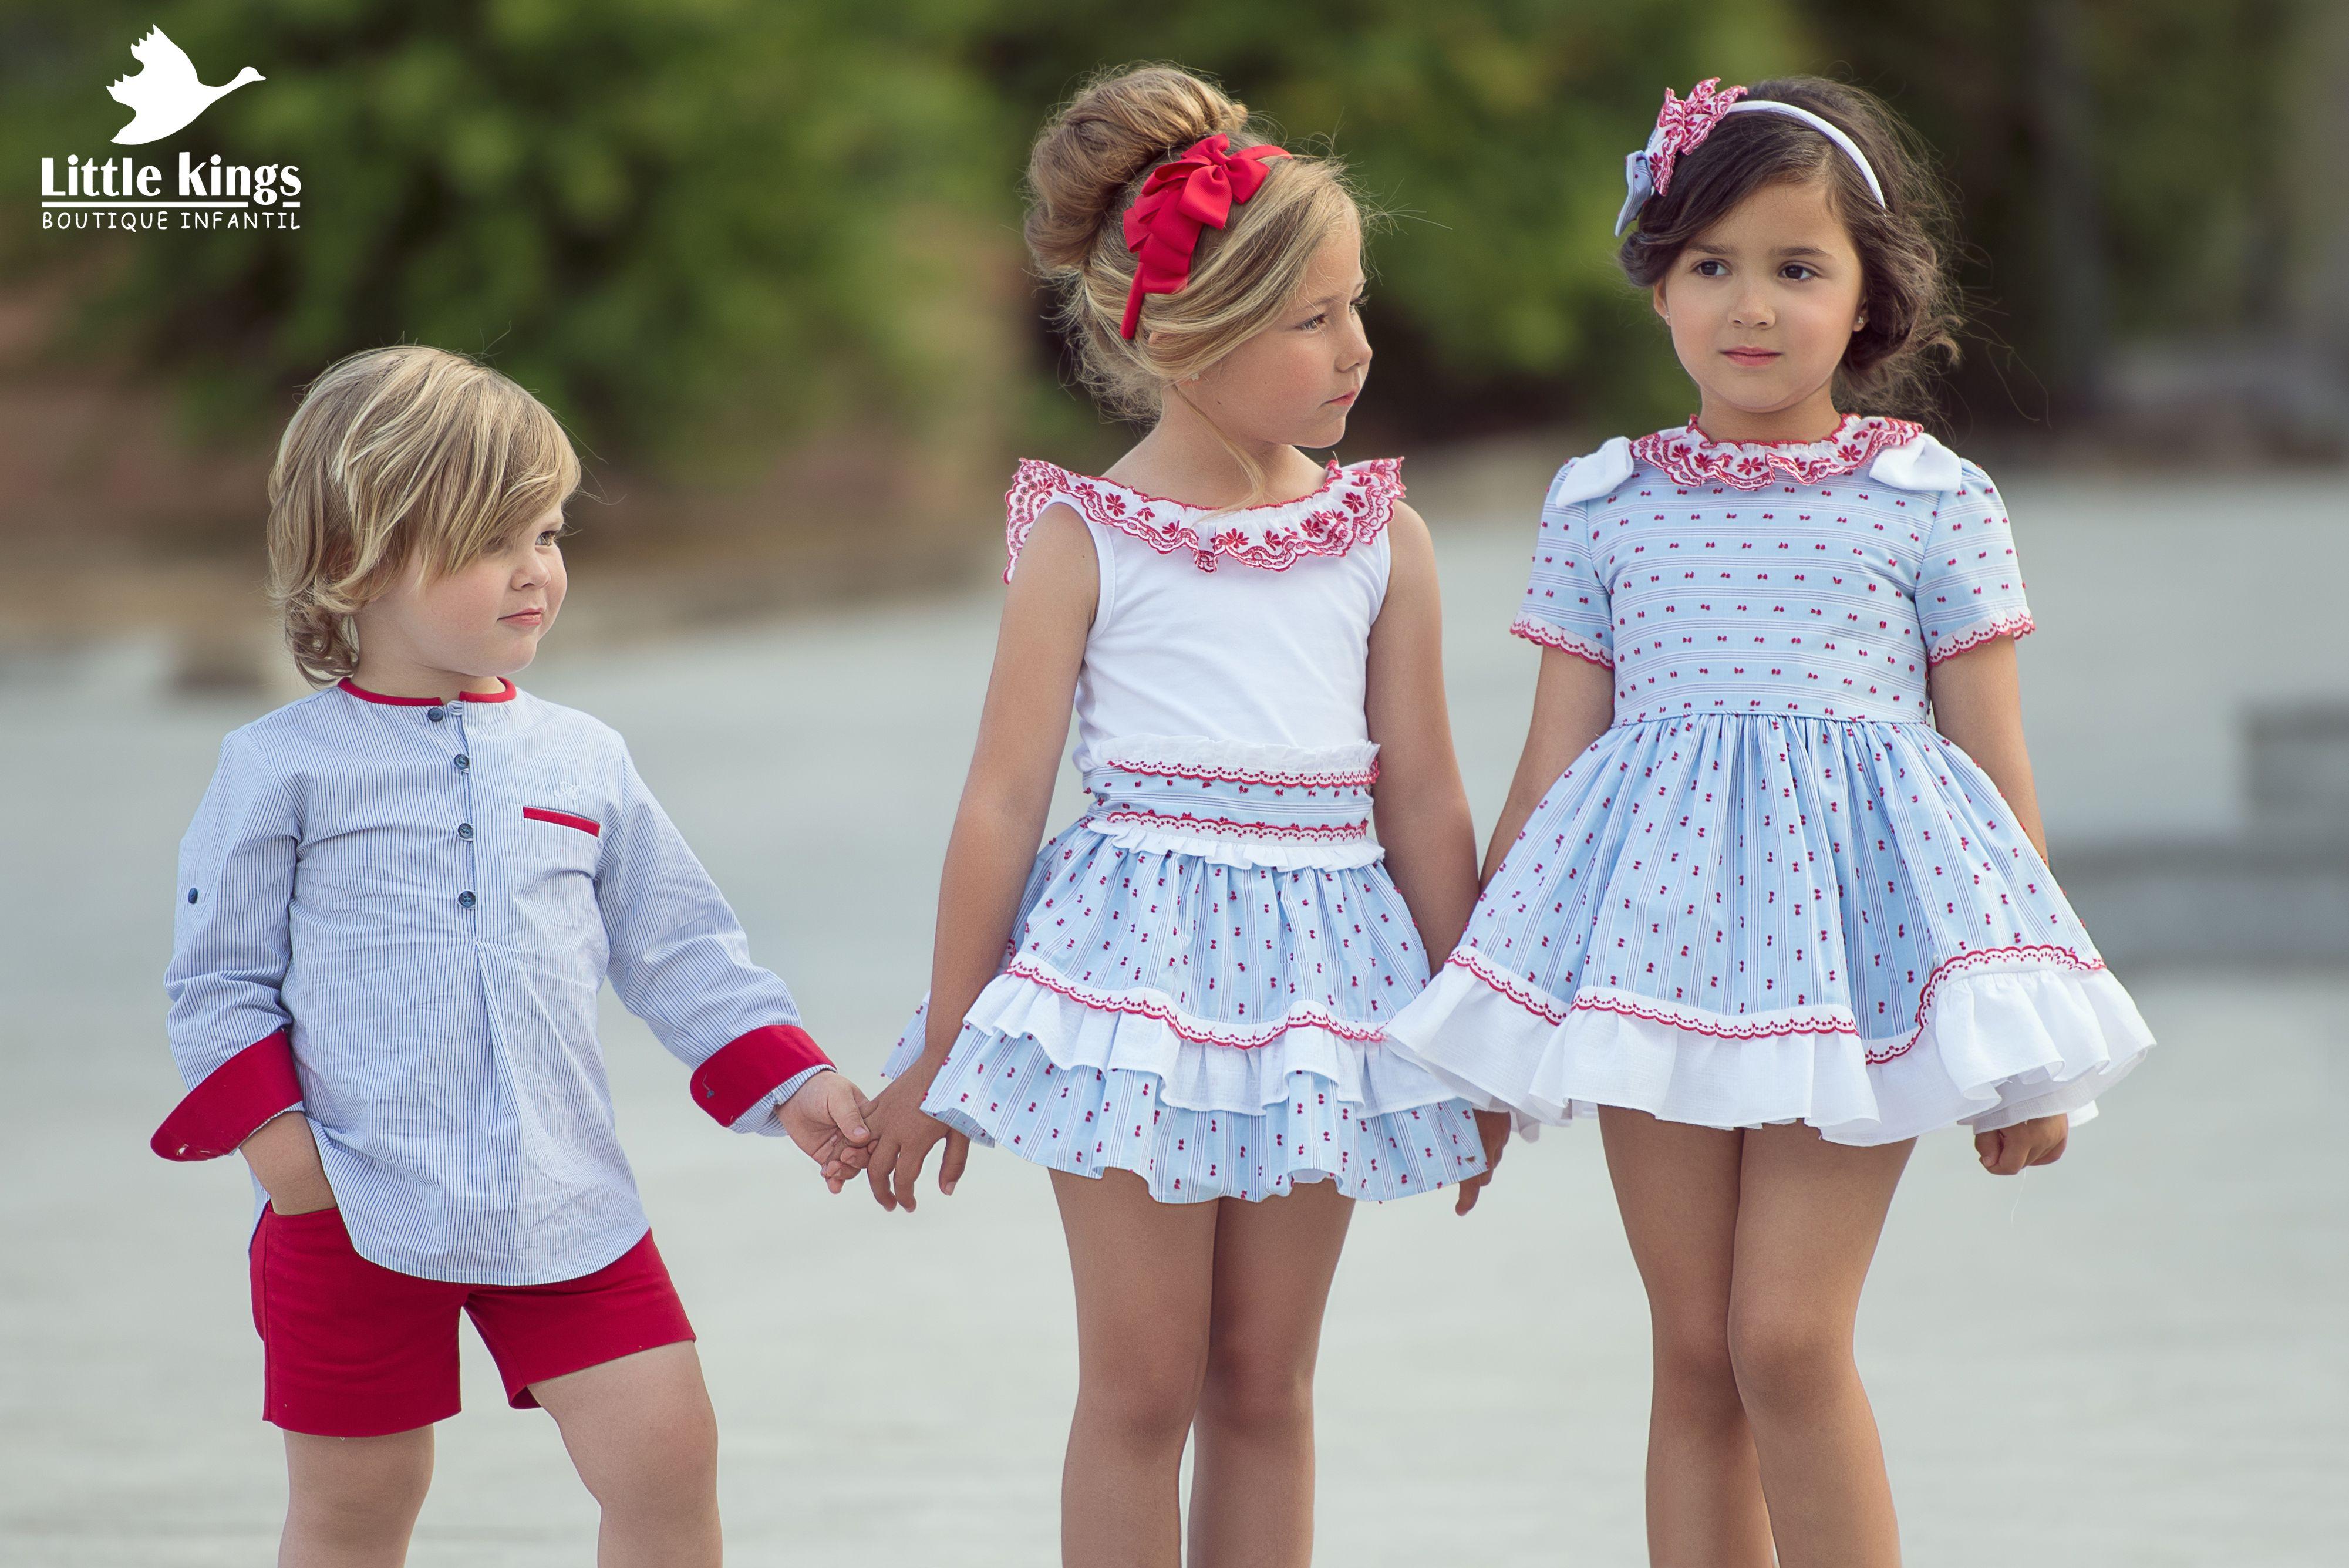 5dce2069712e Little Kings Primavera-Verano 19 Ya en tiendas¡¡